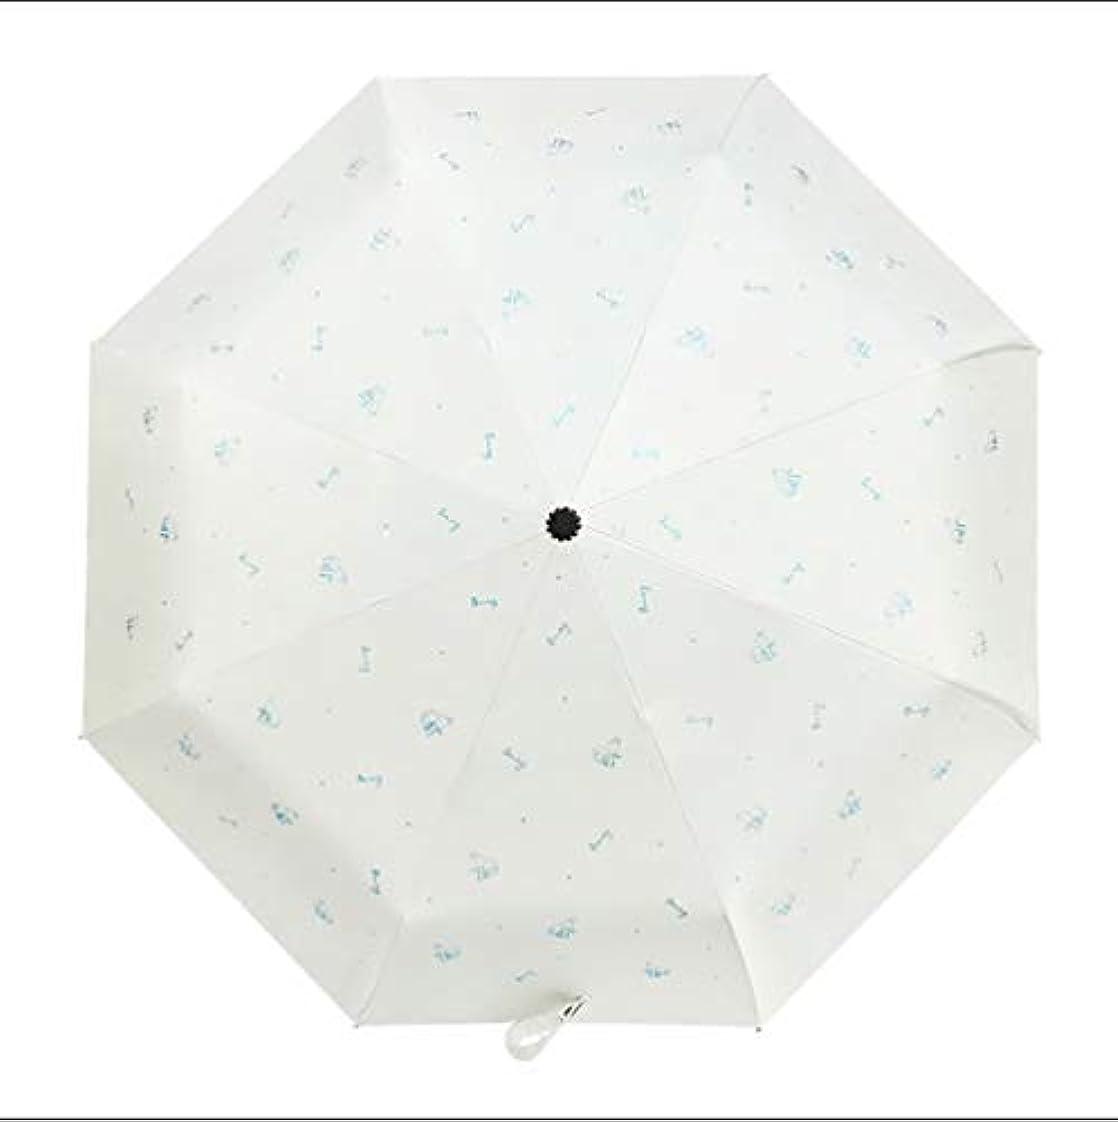 最後の最愛のボーダーHOHYLLYA 女性のスポーツの傘のための折る日雨の日焼け止めの紫外線保護夏の日傘 sunshade (色 : ホワイト2)